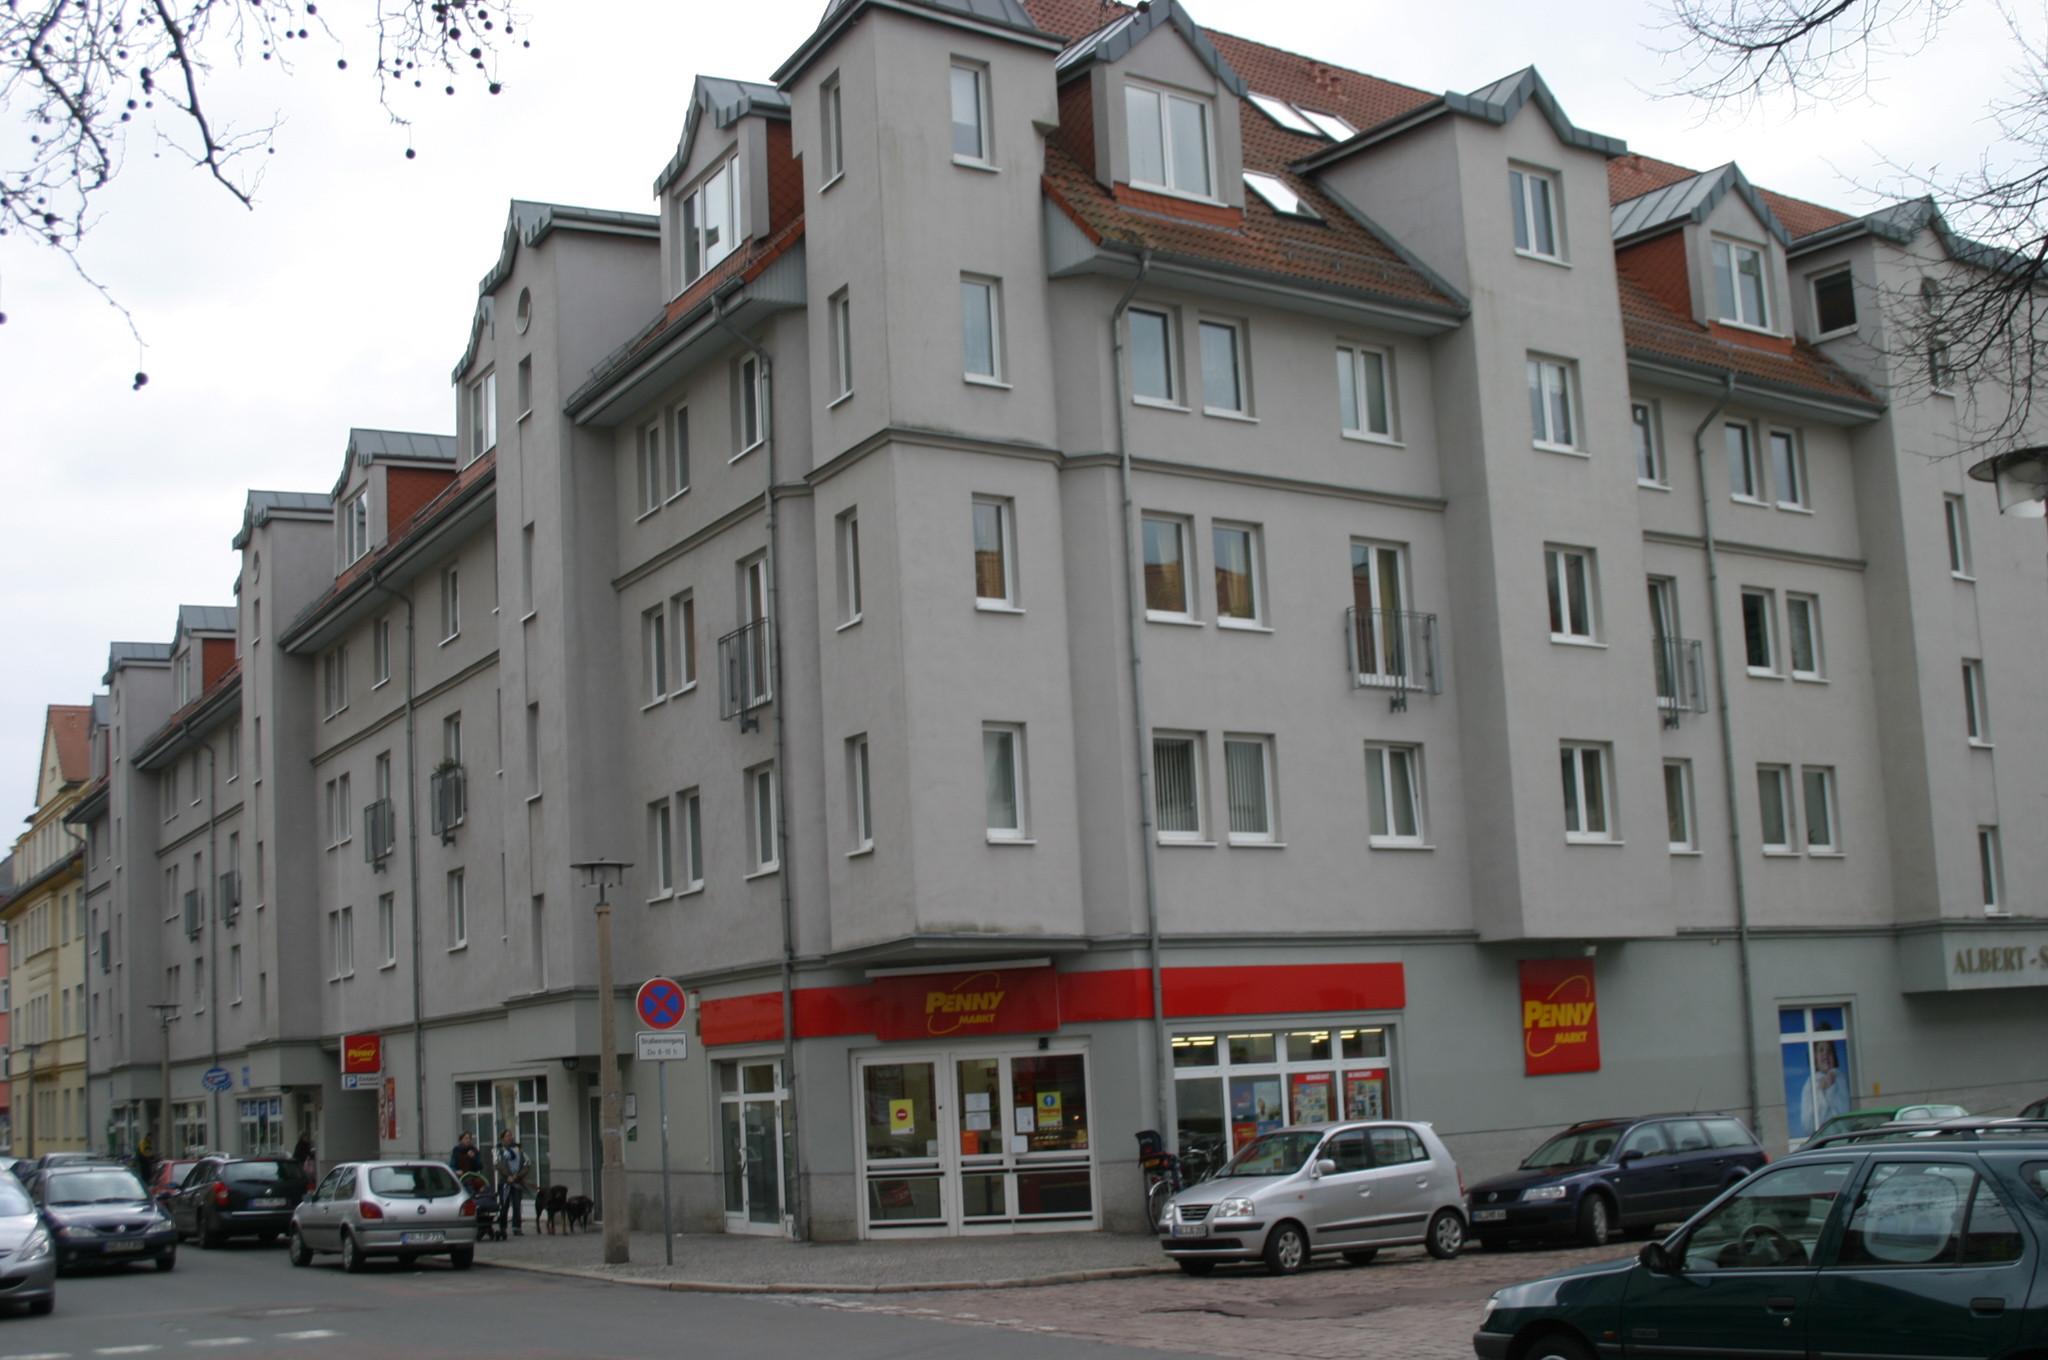 Schweitzer Halle